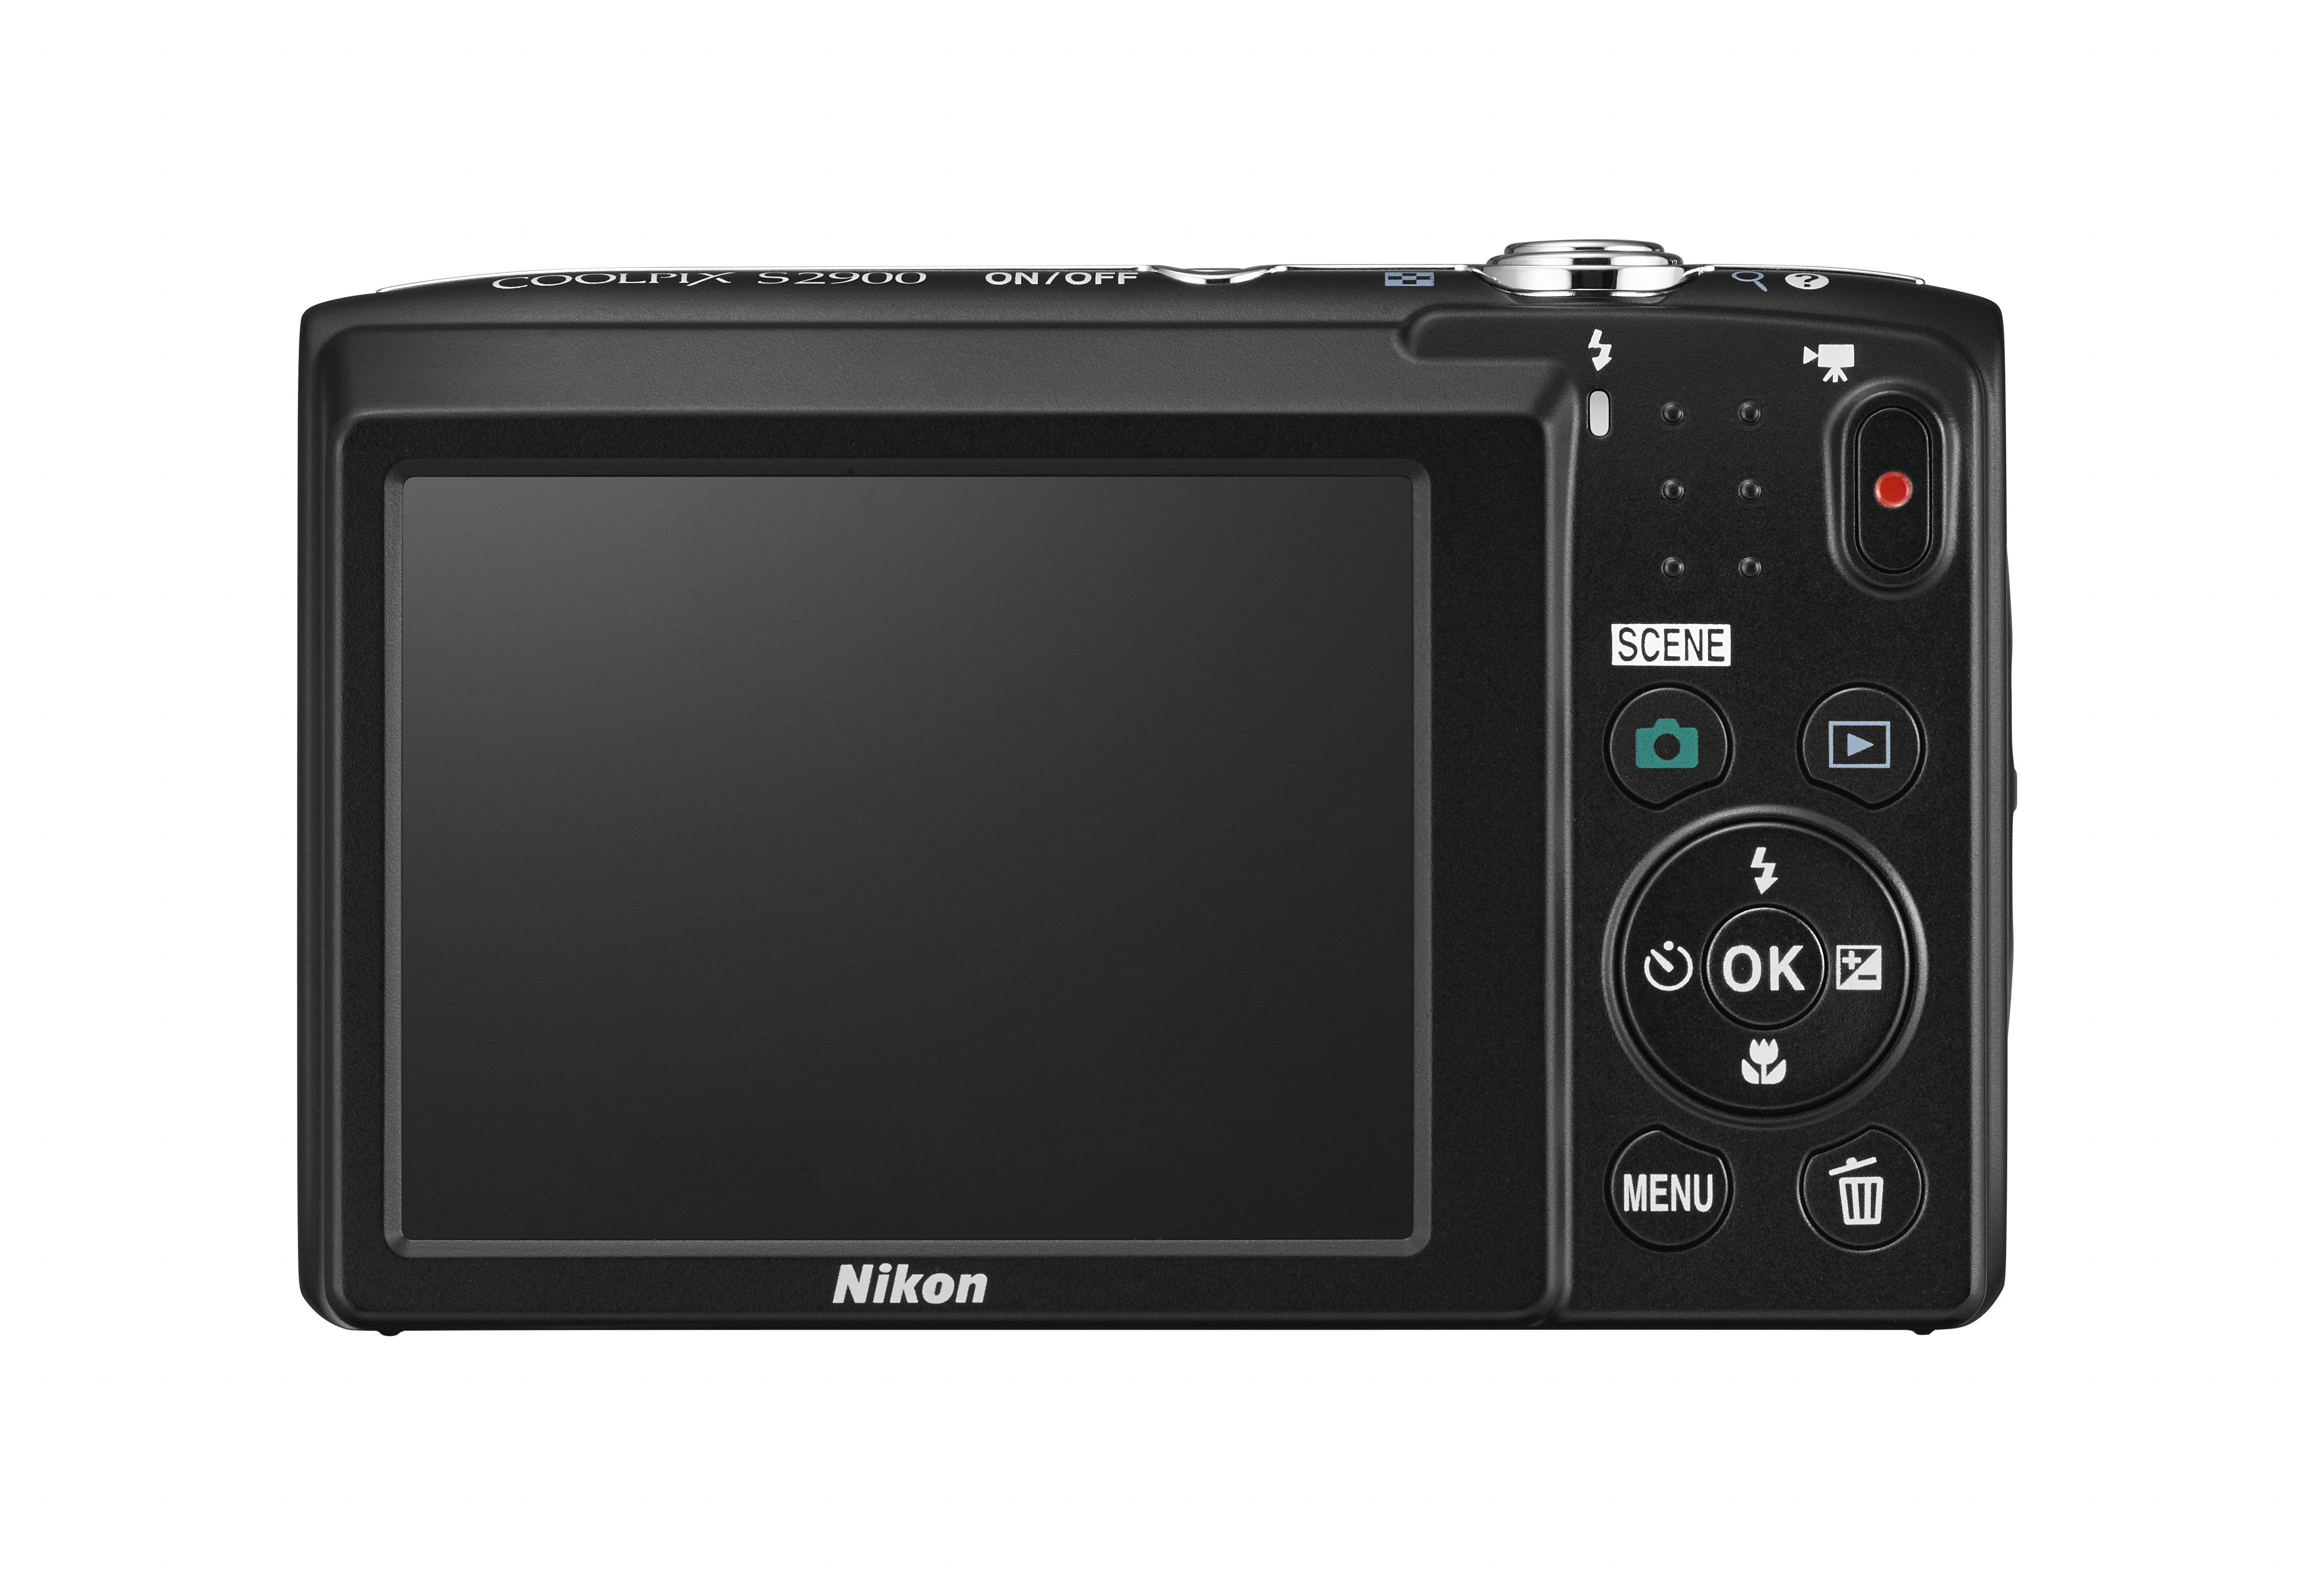 Nikon Coolpix S2900 -es 2,7 colos LCD képernyőt kapott.